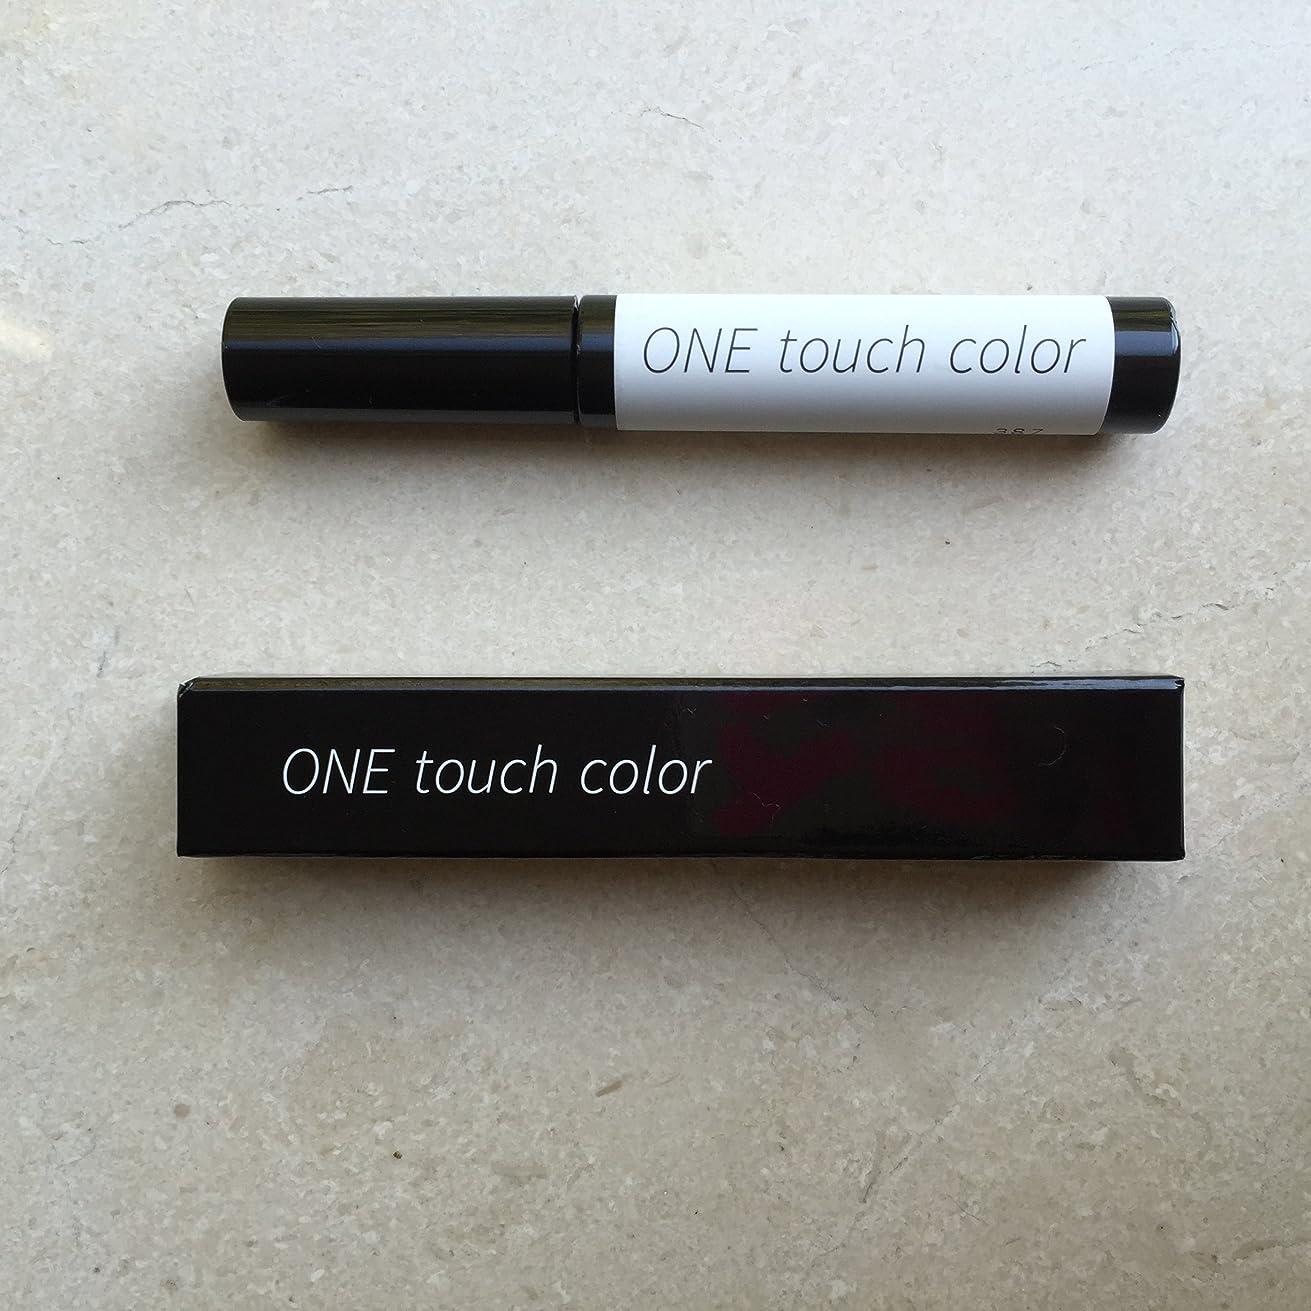 野菜リマ落ち着かないour touch color ワンタッチカラー